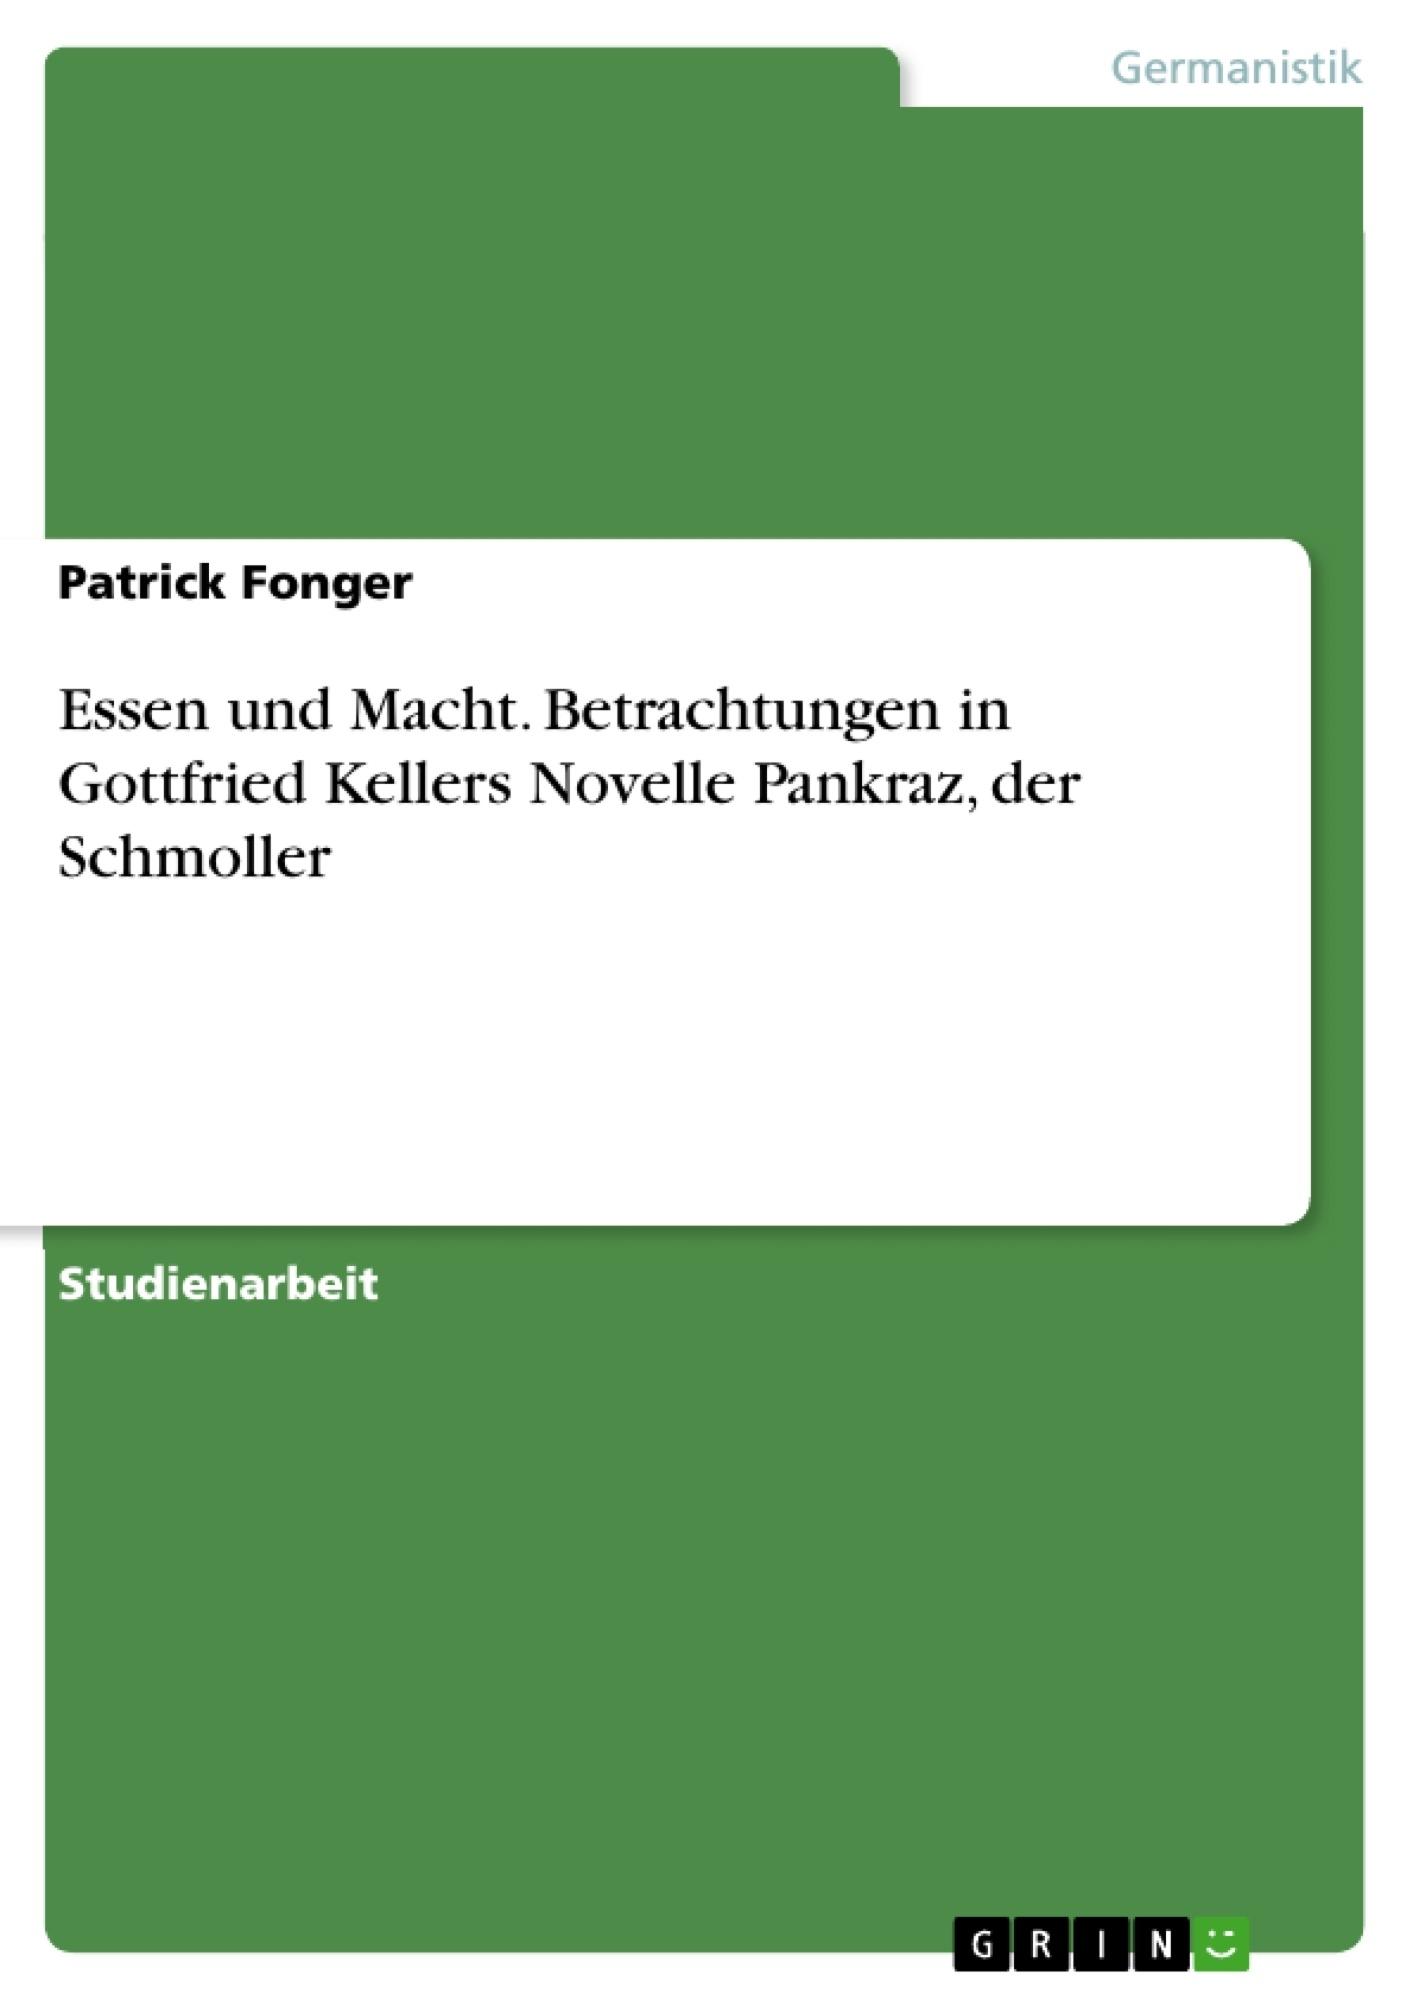 Titel: Essen und Macht. Betrachtungen in Gottfried Kellers Novelle Pankraz, der Schmoller